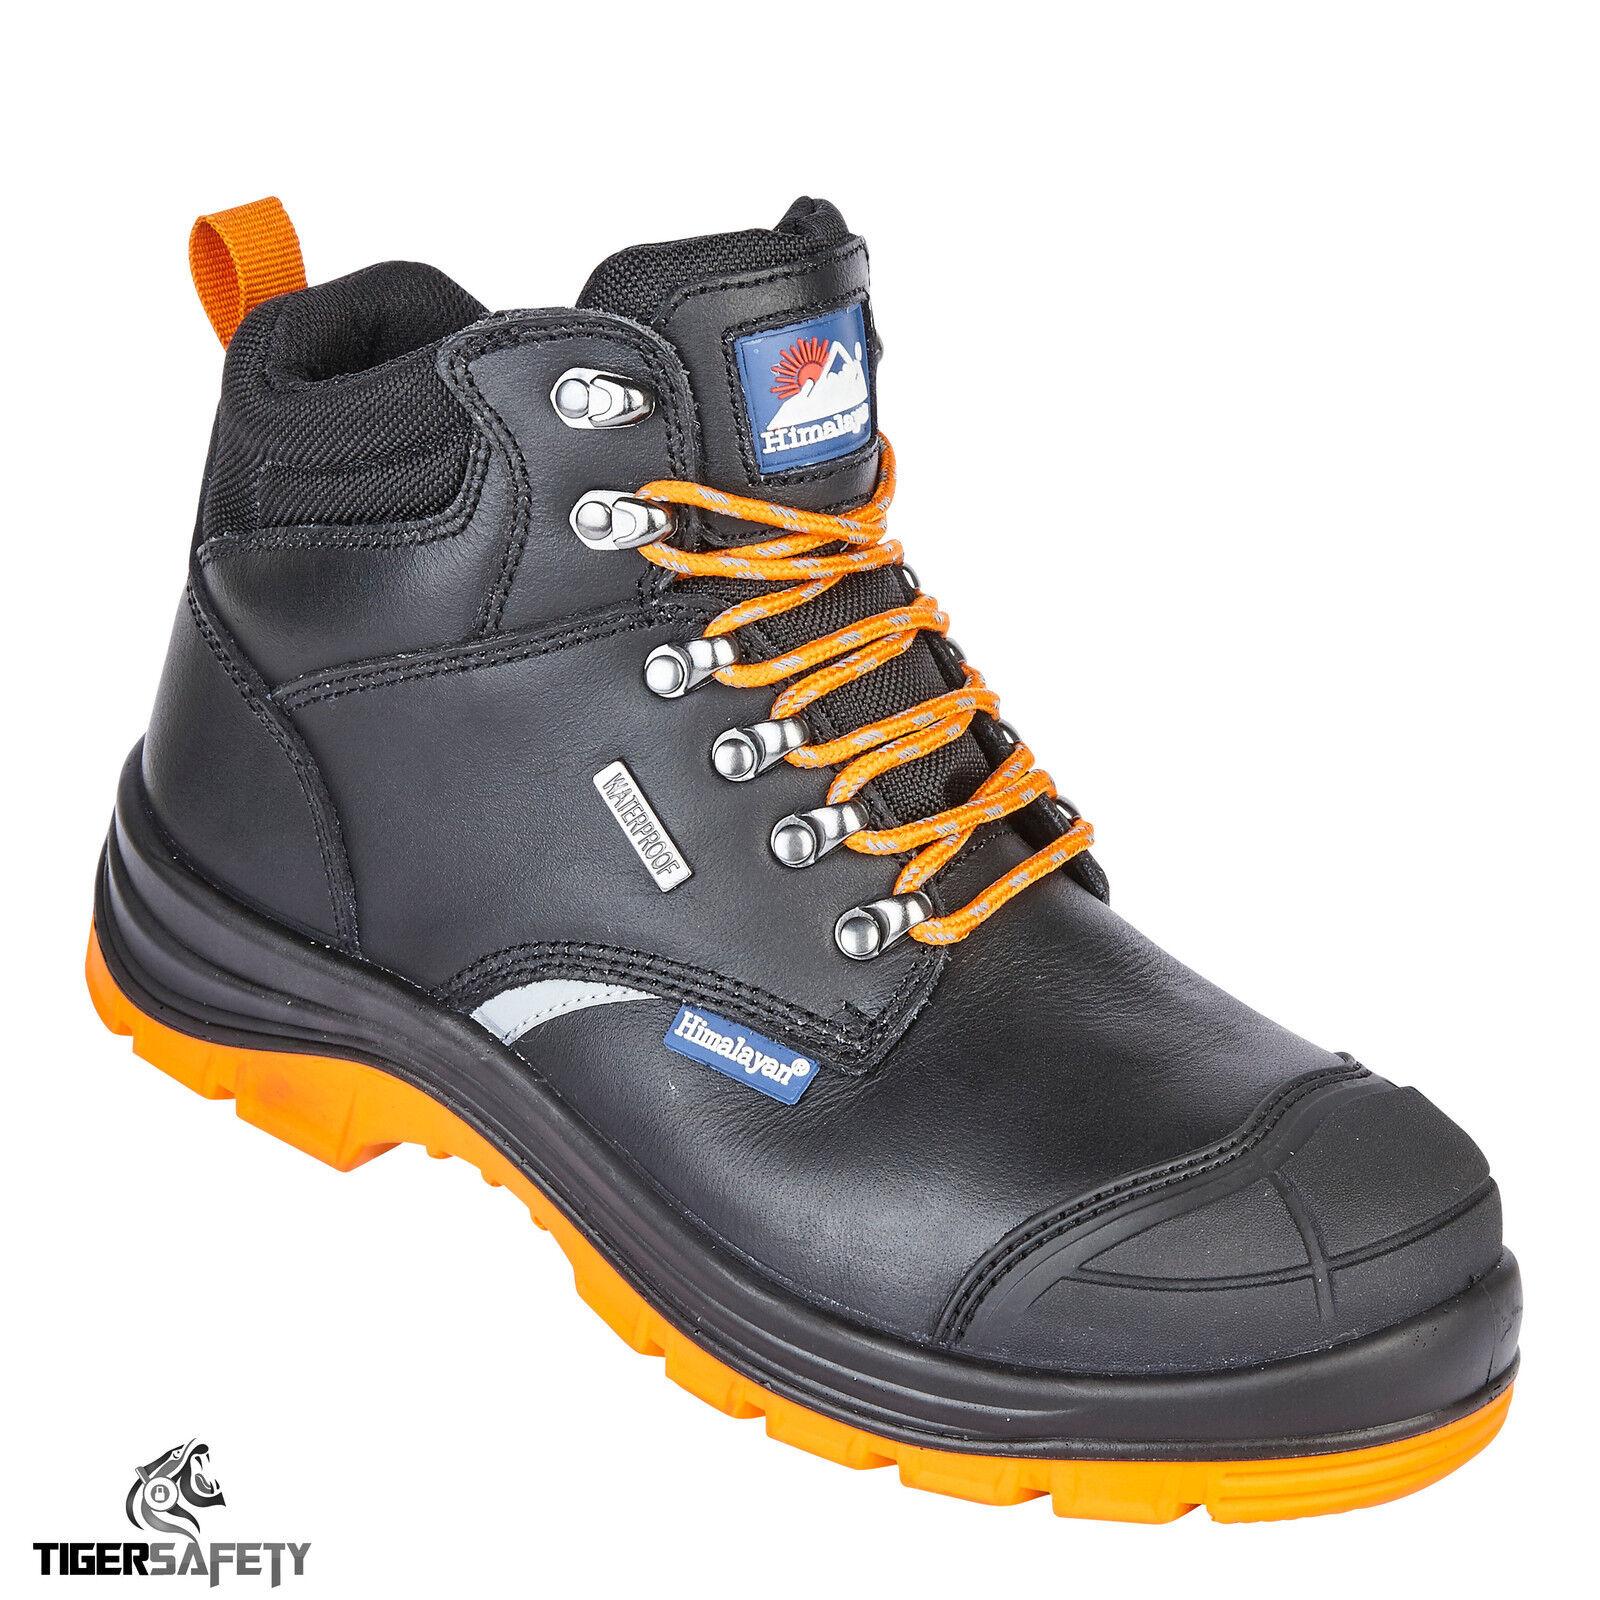 5402 dell'Himalaya S3 impermeabile nero in pelle Reflecto Acciaio Puntale Stivali di sicurezza